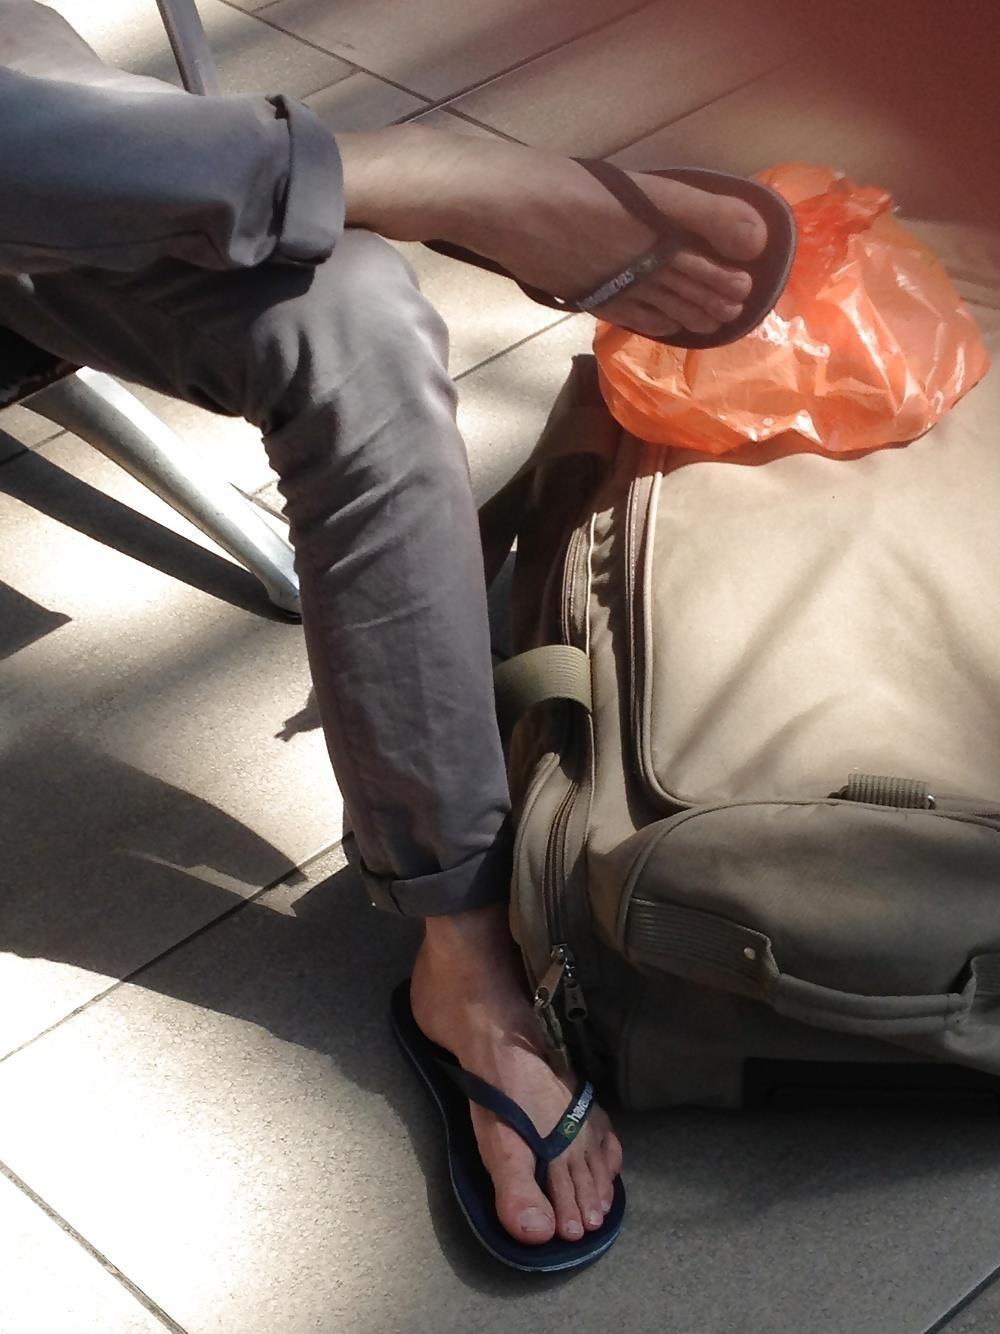 Gay feet thisvid-7720